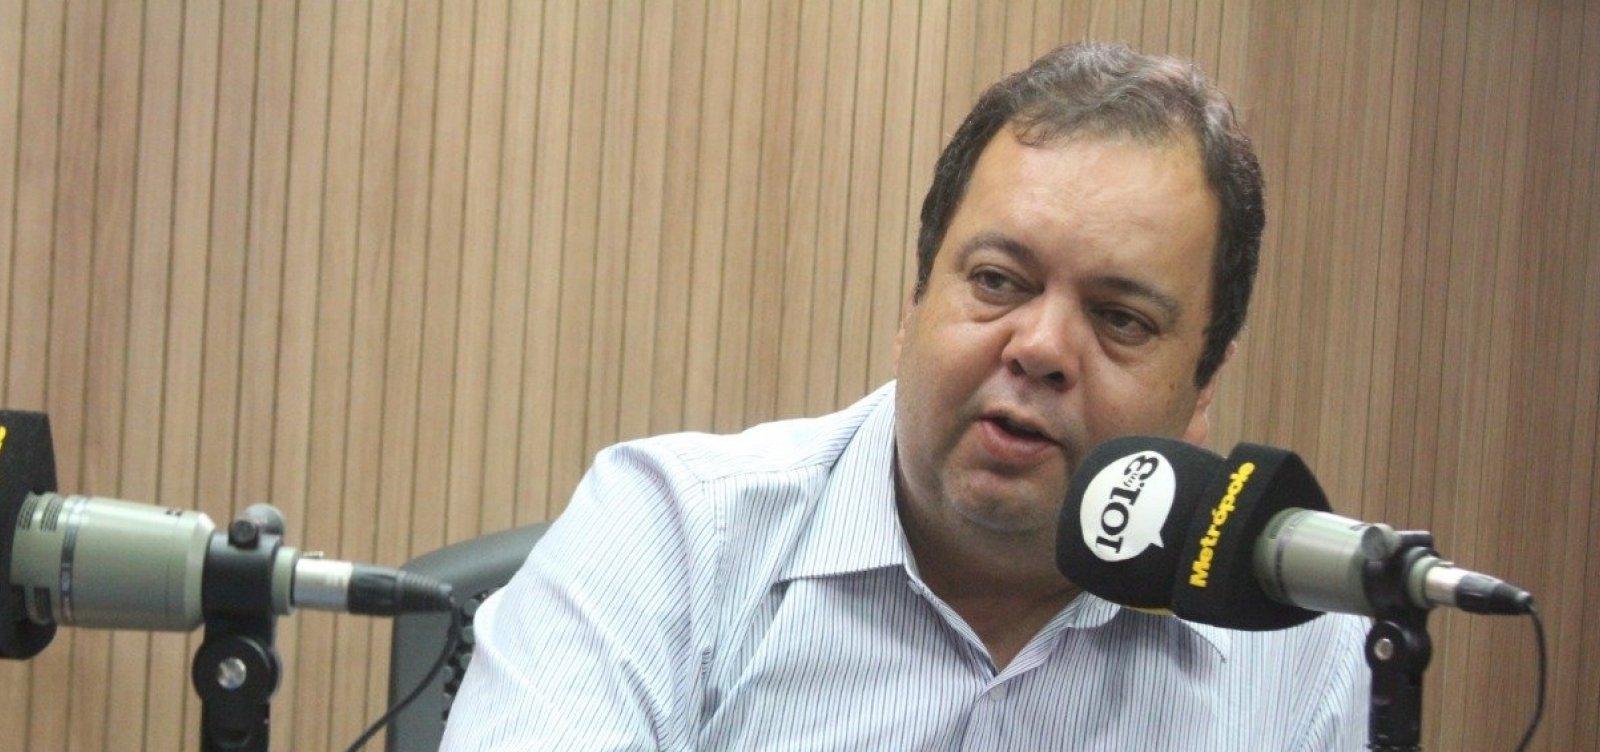 Deputados suspeitam que Elmar Nascimento articula contra governo, diz revista